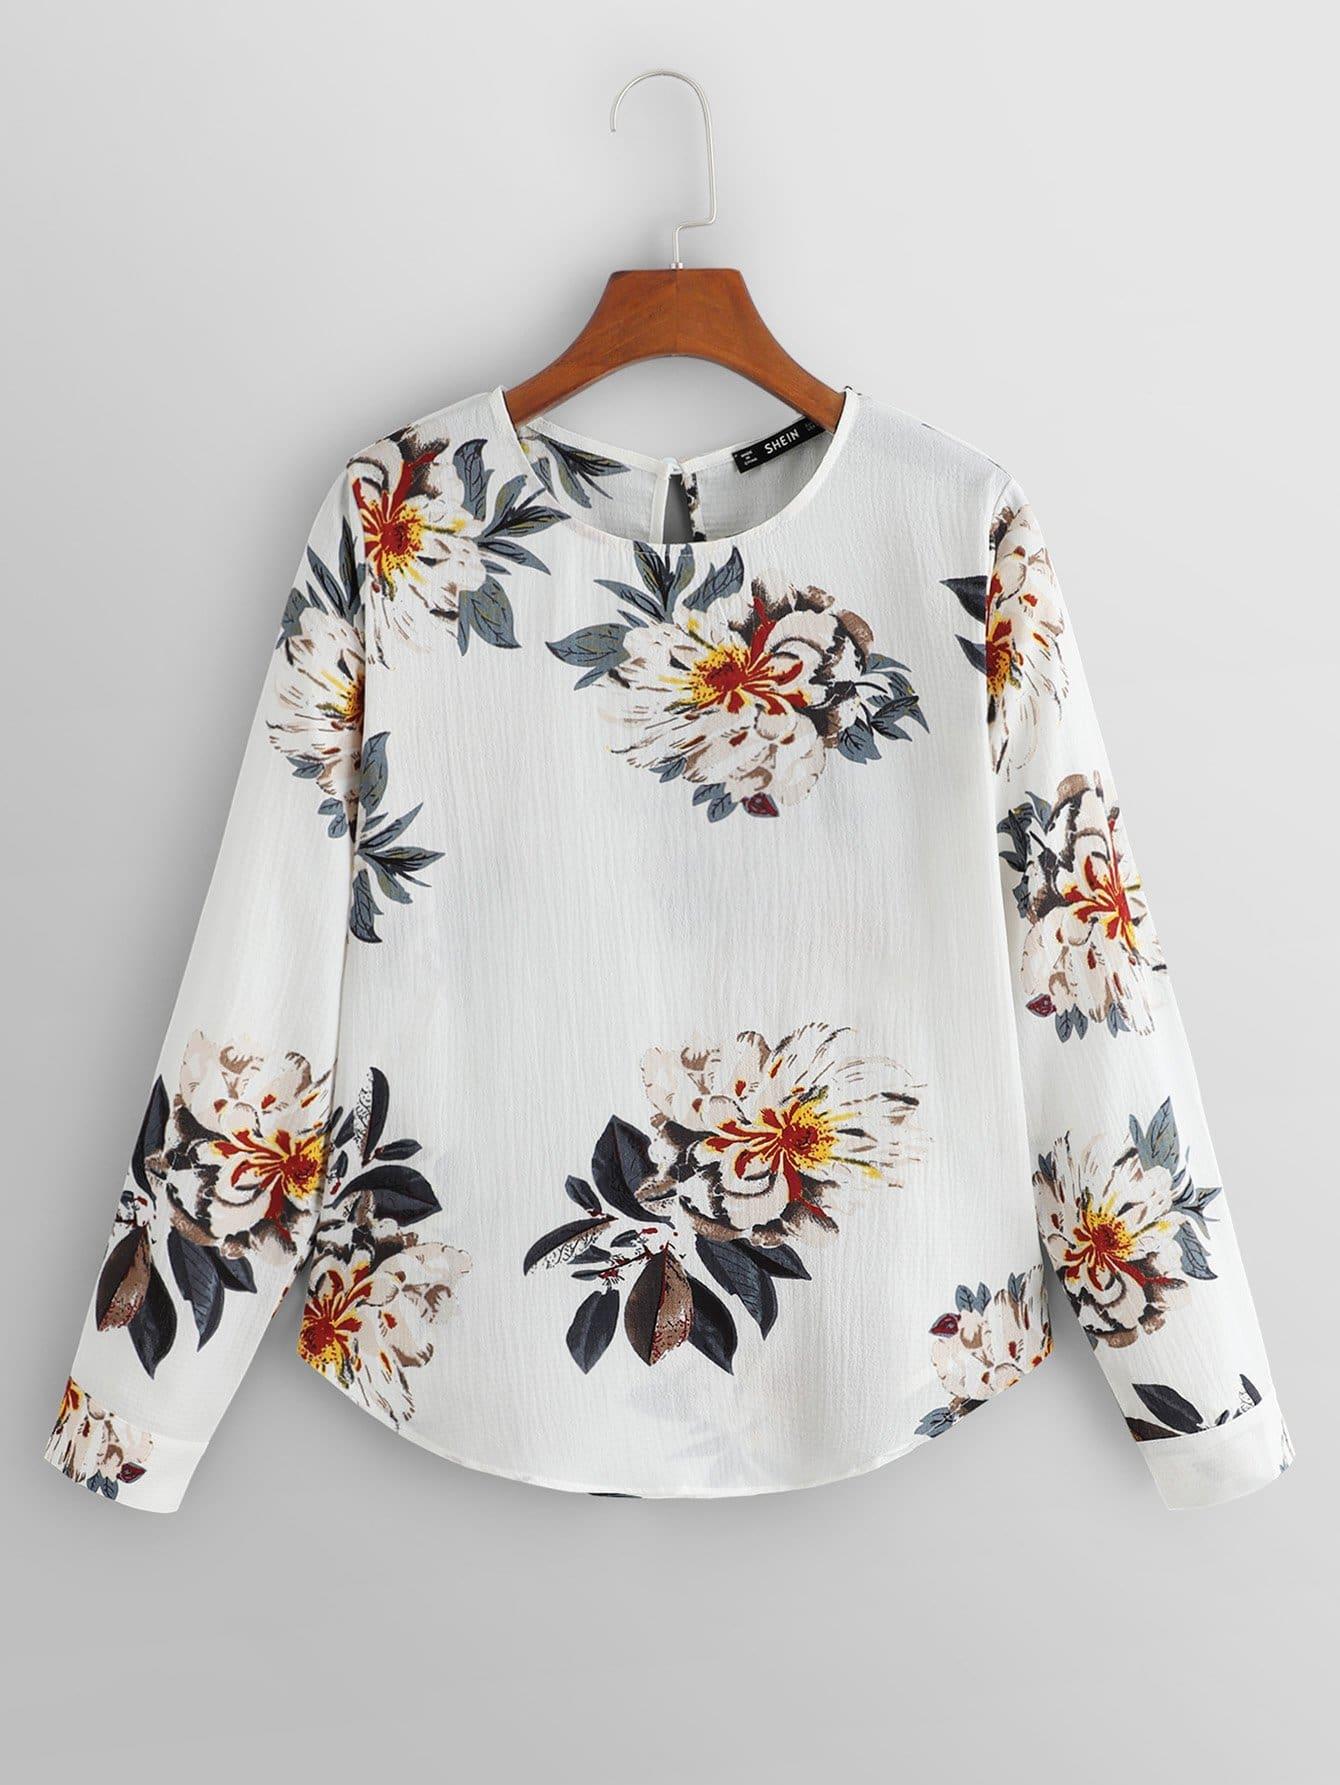 Купить Ситцевая блуза с замочной скважиной сзади одежды, null, SheIn